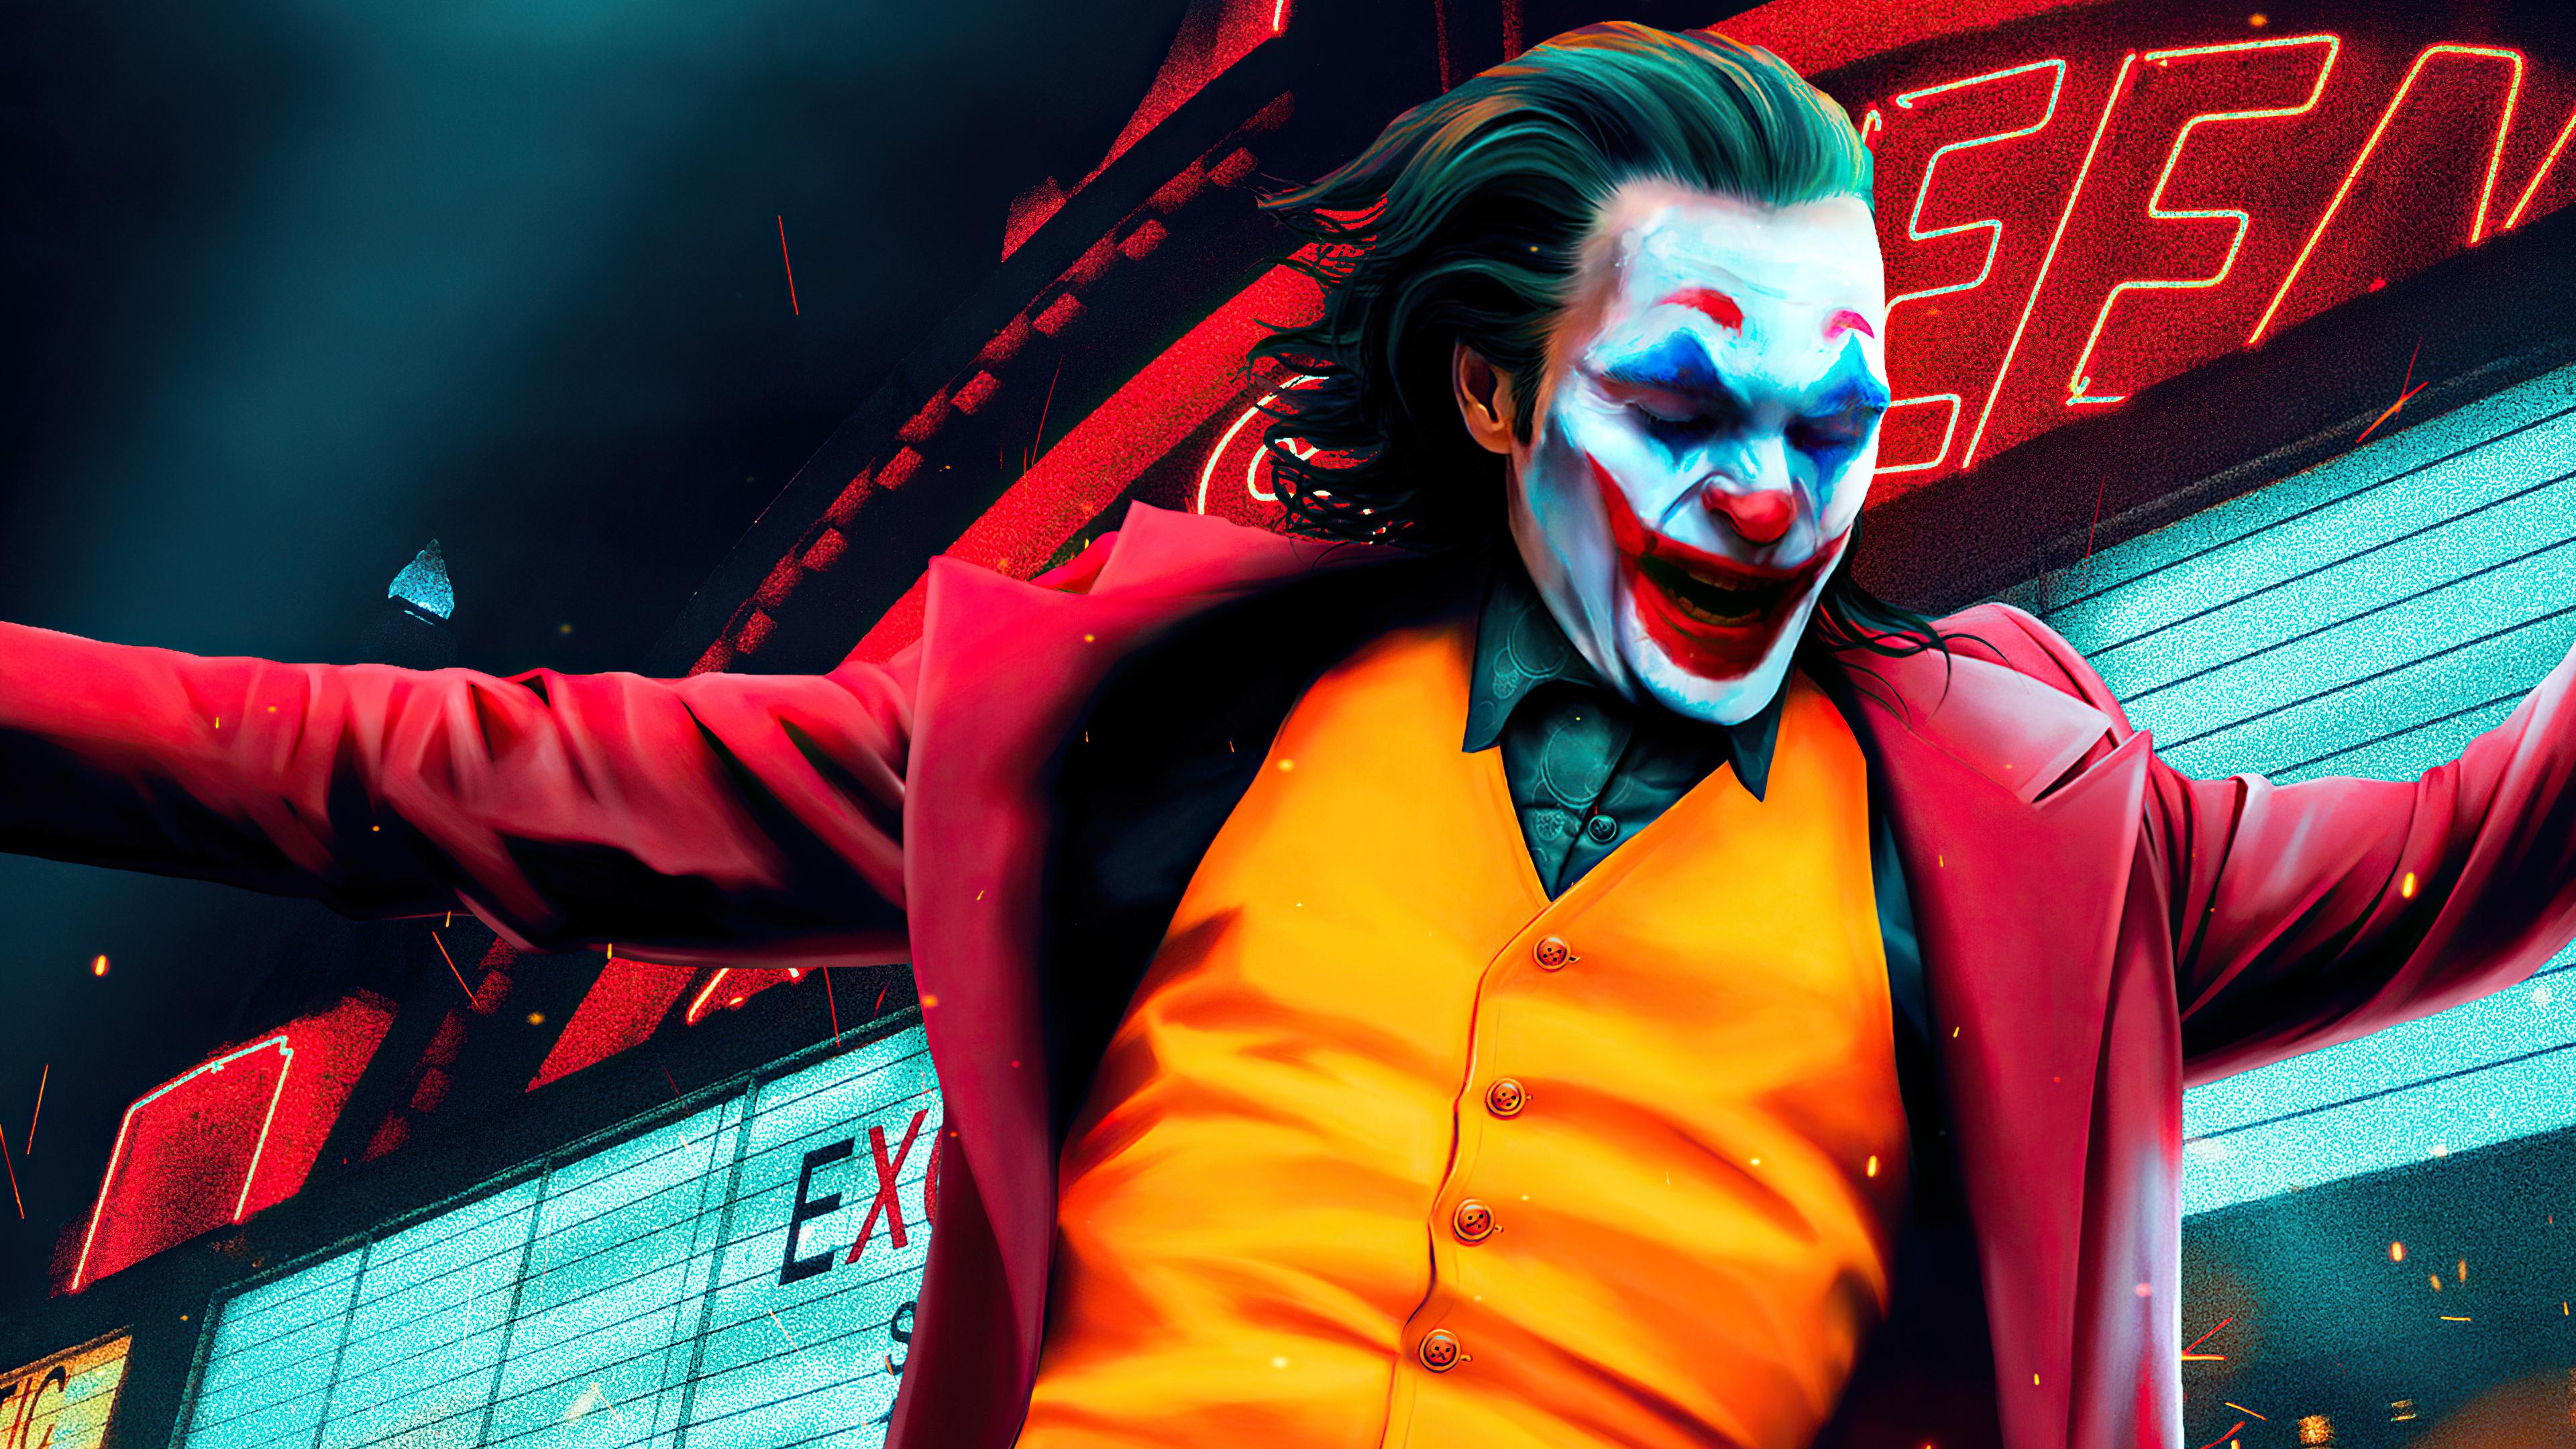 joker joaquin phoenix dancing 4k 1619216109 - Joker Joaquin Phoenix Dancing 4k - Joker Joaquin Phoenix Dancing 4k wallpapers